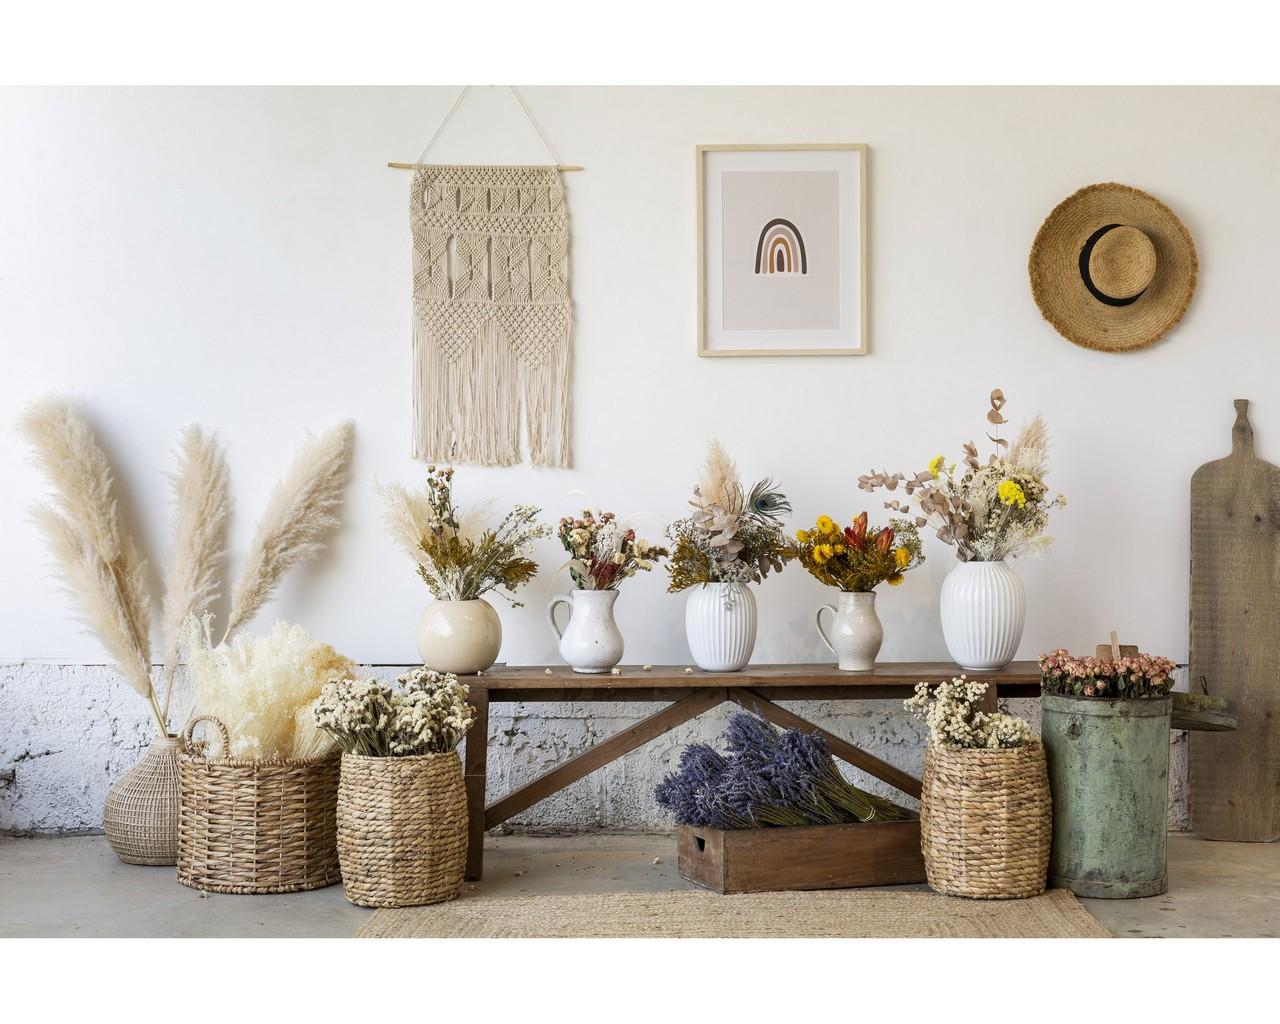 פרחים מיובשים עמידים לאורך שנים, להשיג בתומיק - בחנות ובאתר, צילום: בועז לביא, סטיילינג דיאנה לינדר